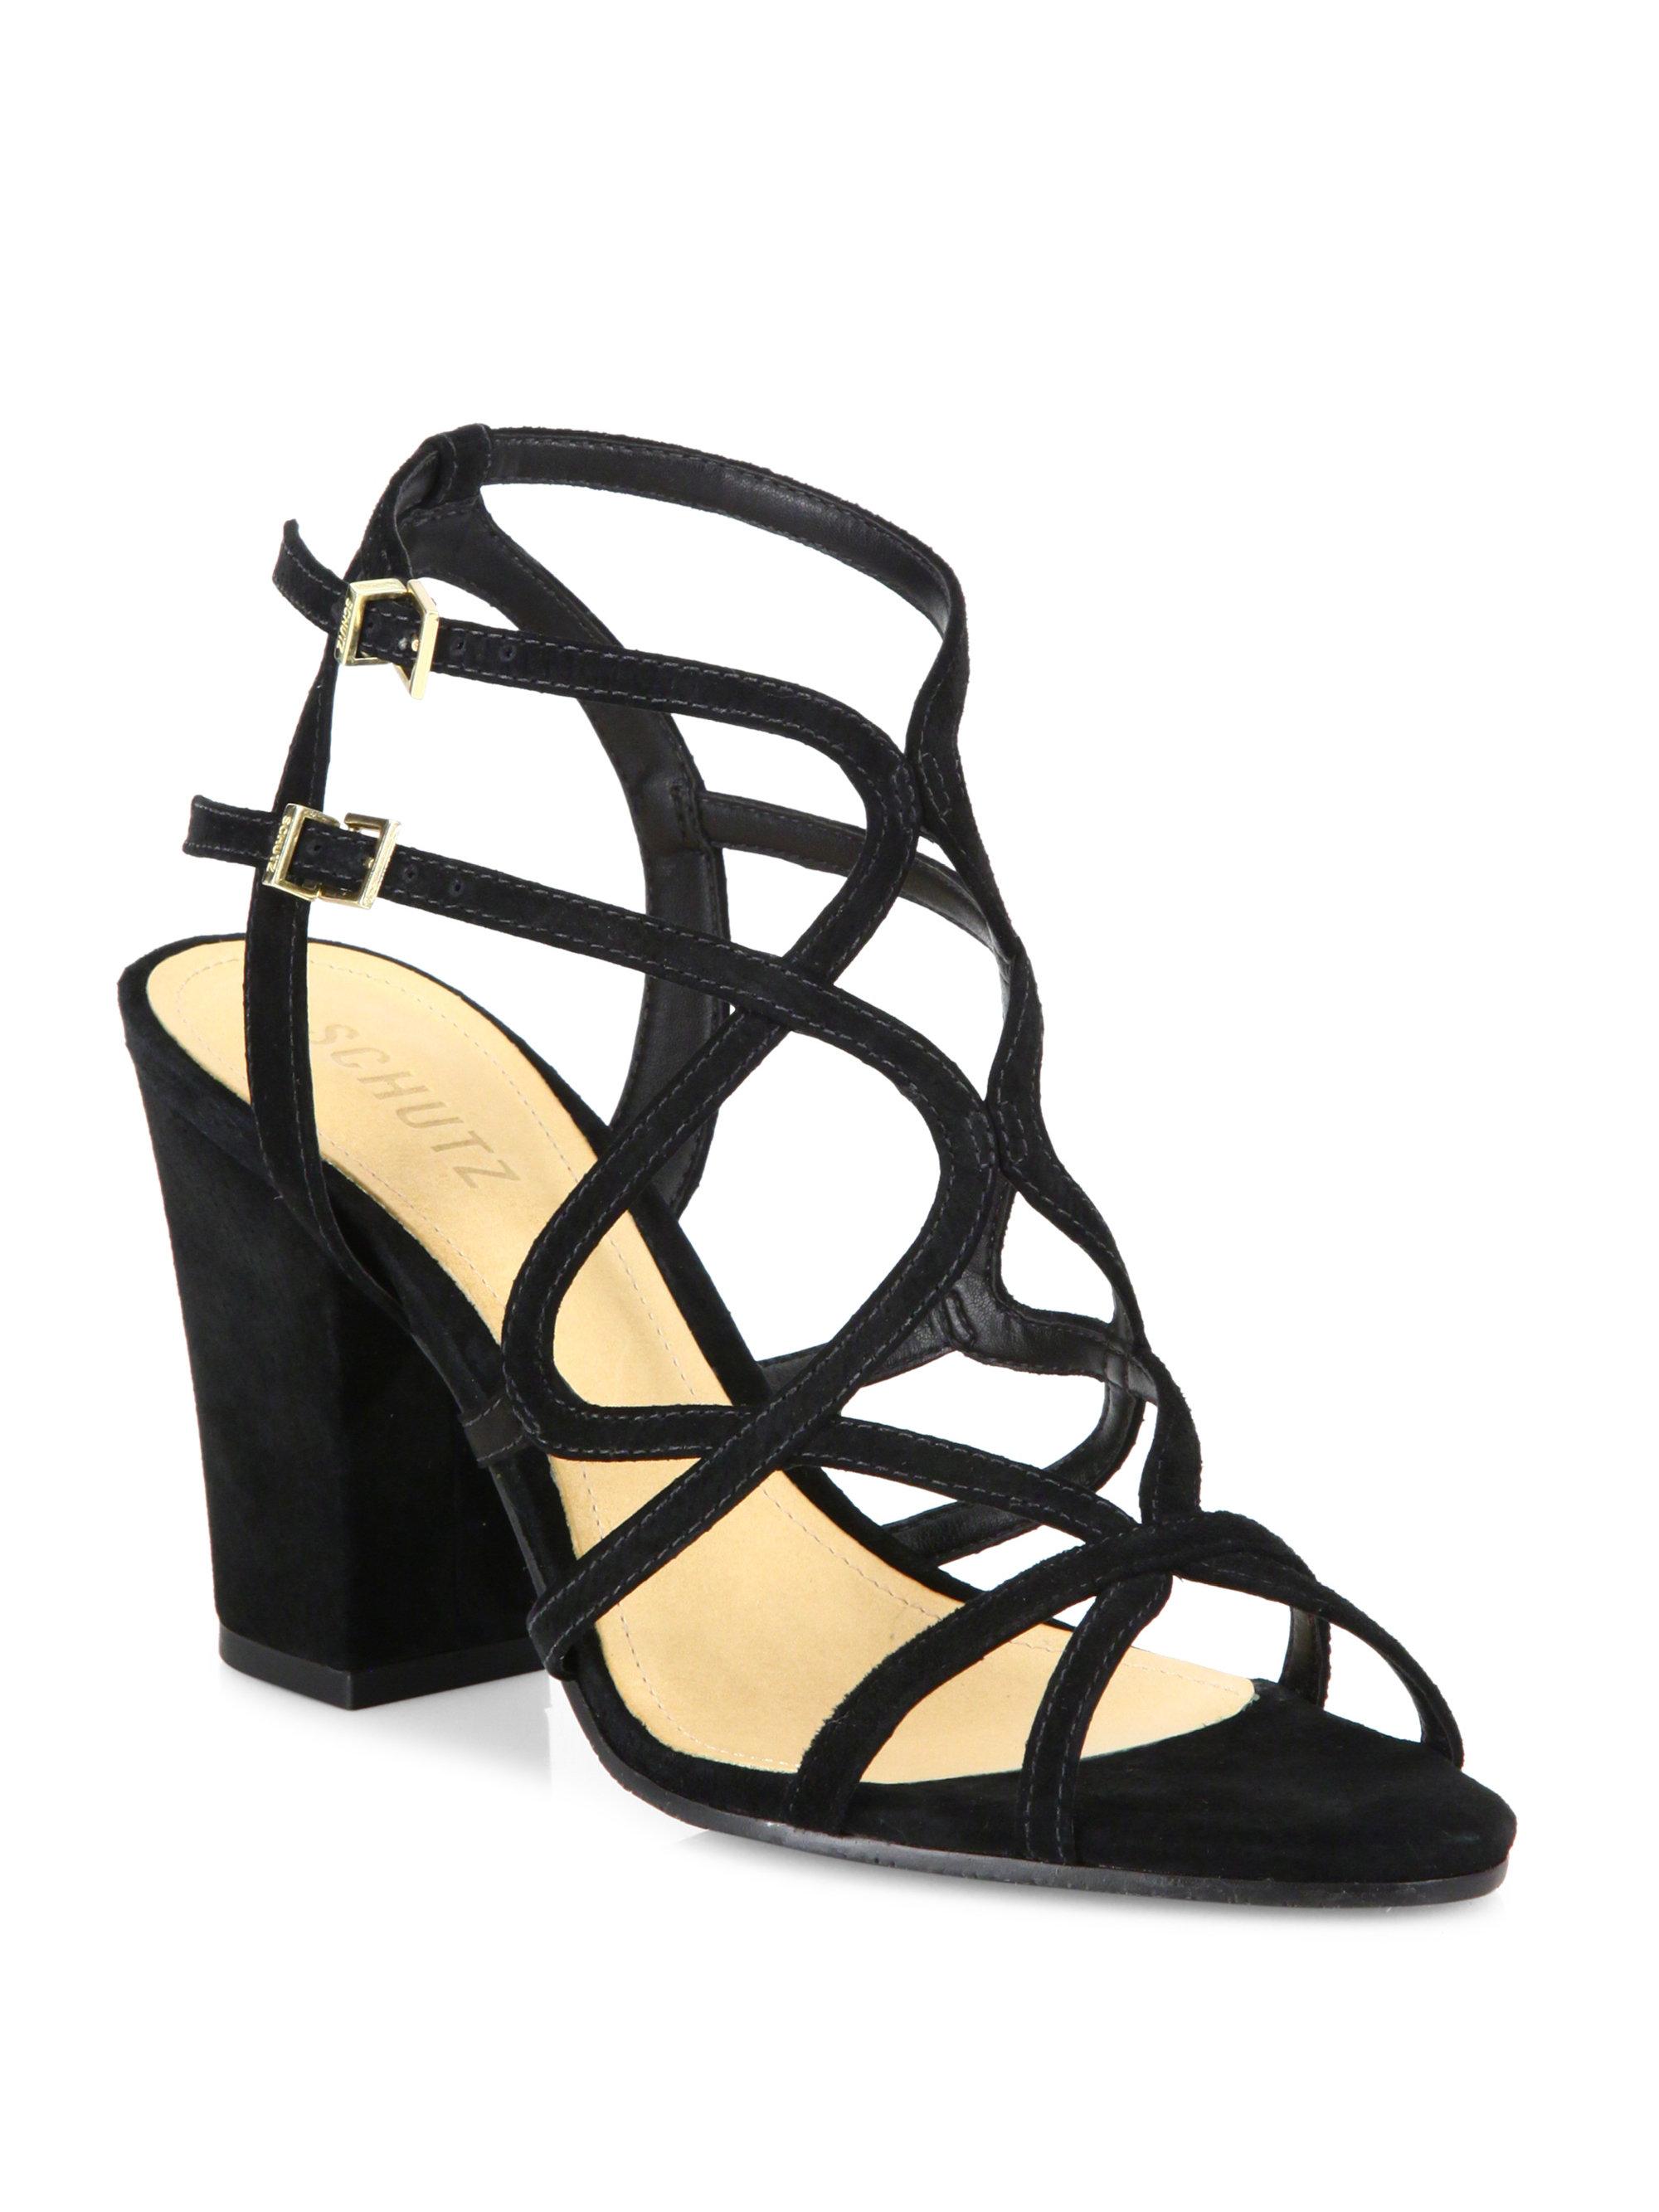 cc6ab6453c Schutz Lynne Strappy Suede Block-heel Sandals in Black - Lyst